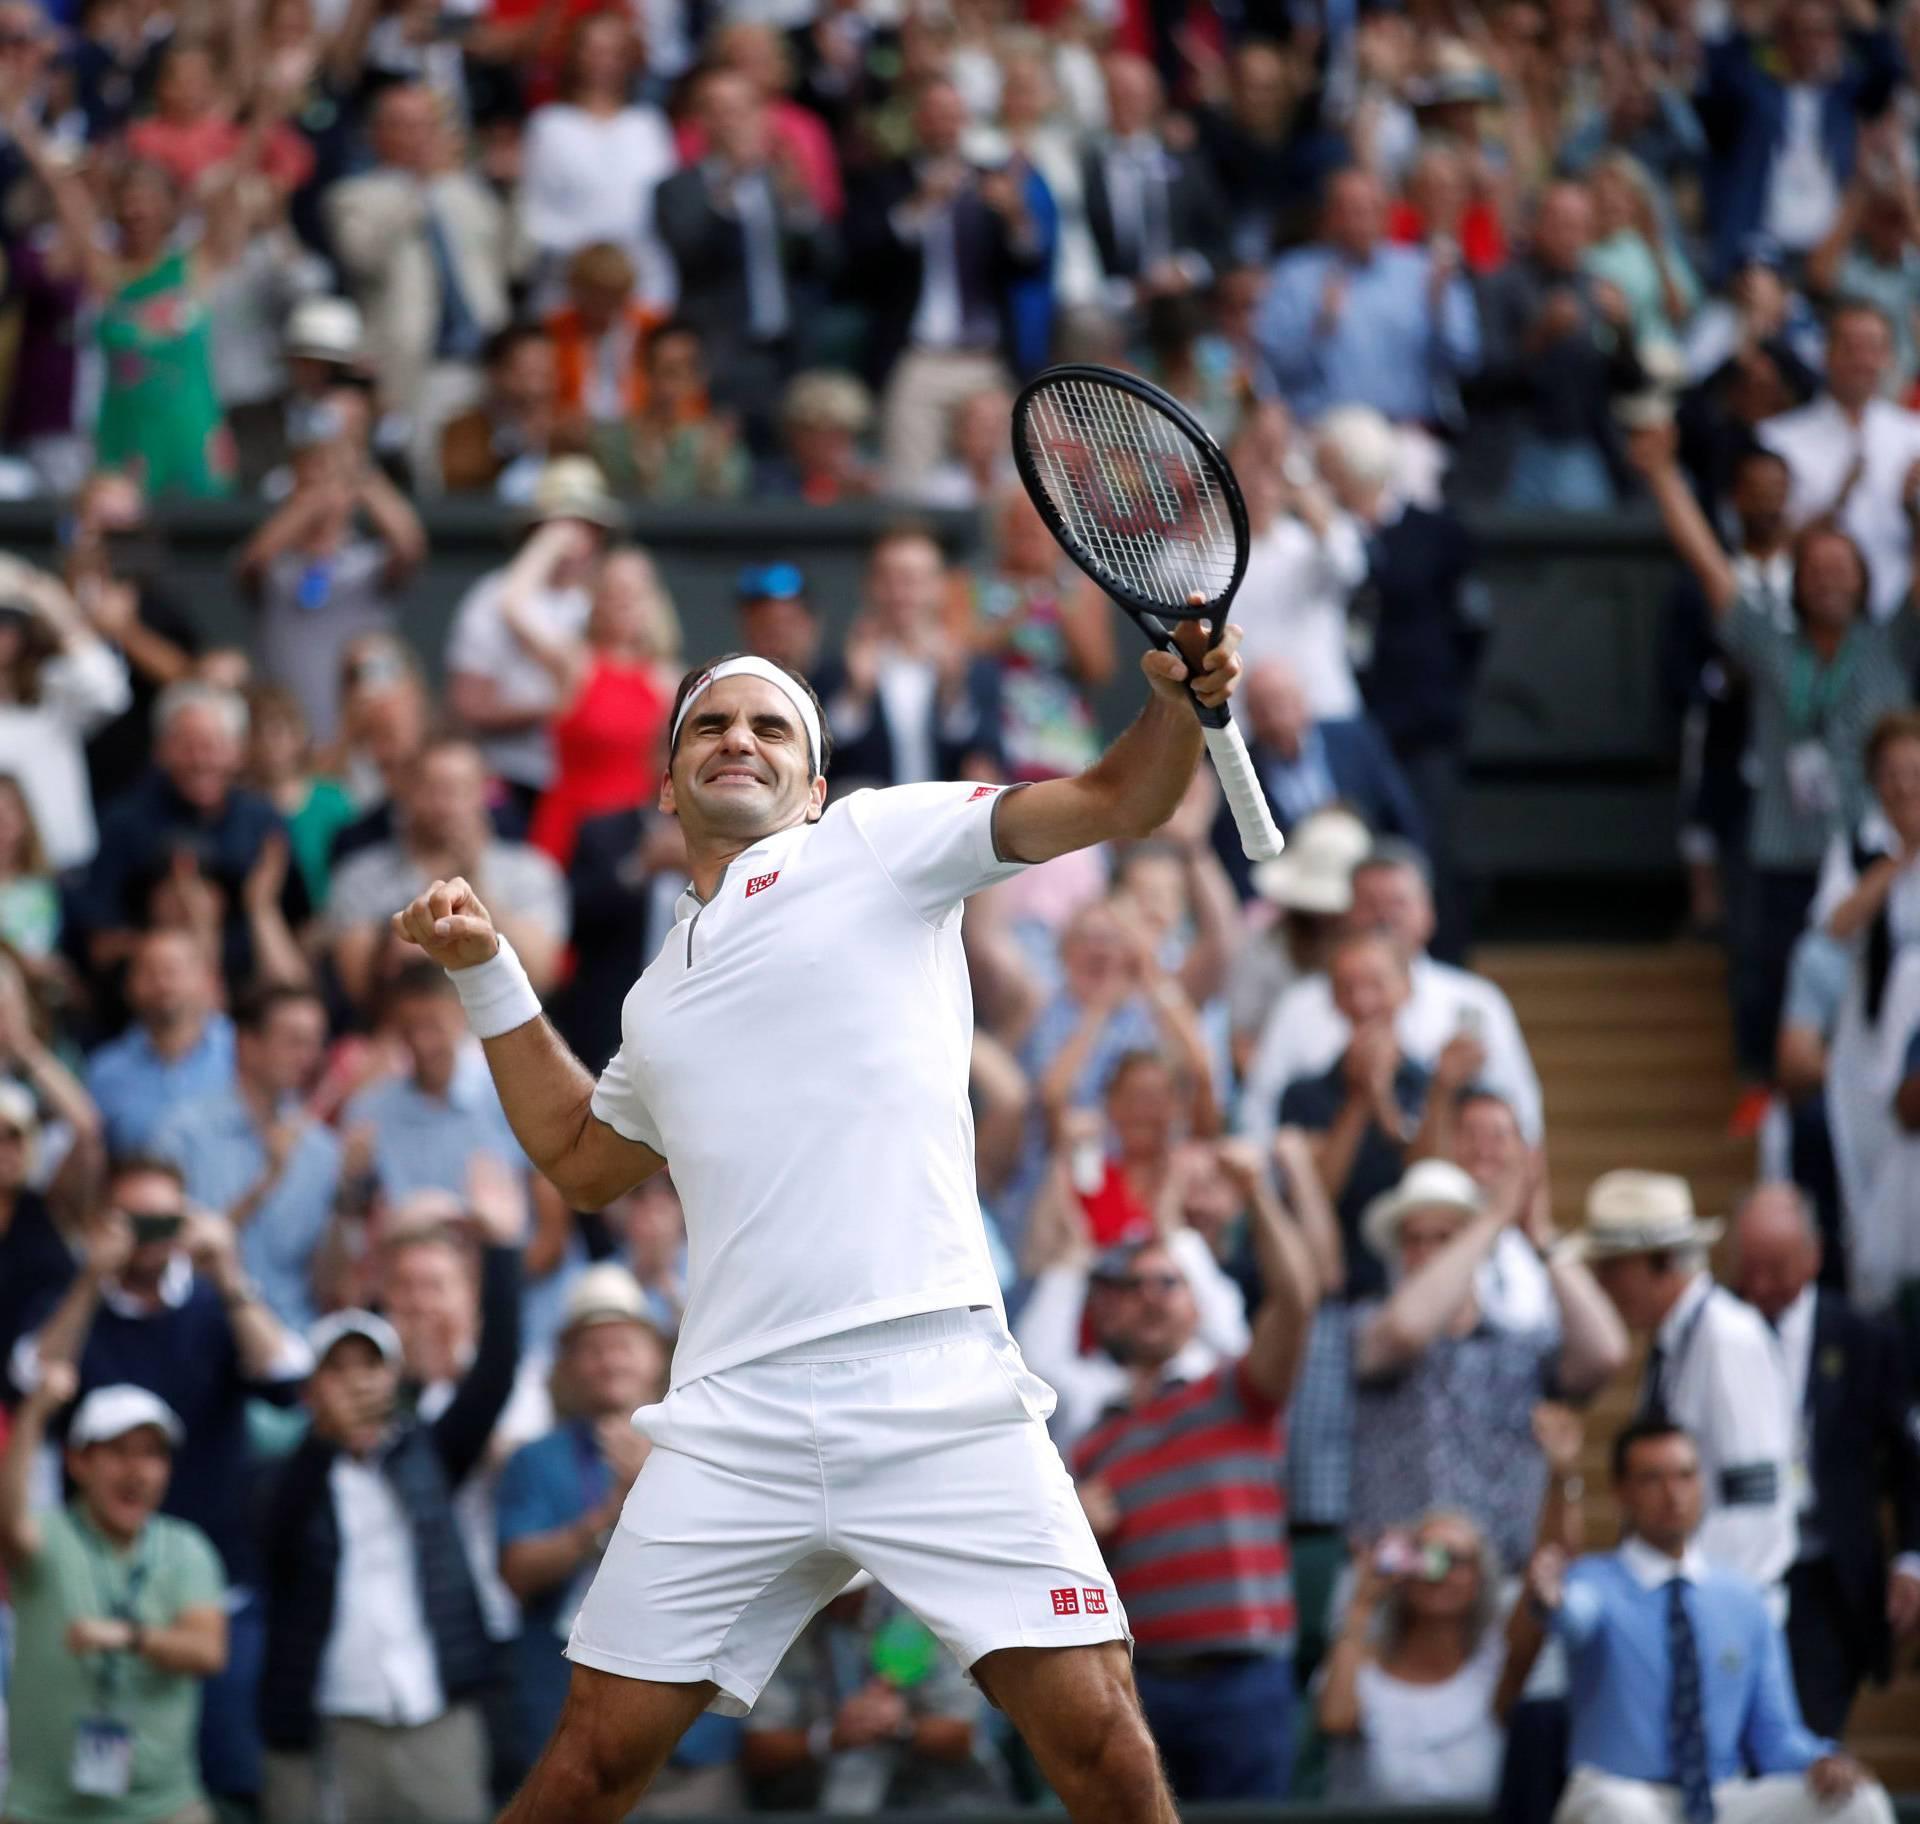 Rafa mu ne može ništa: Roger po 12. put u finalu Wimbledona